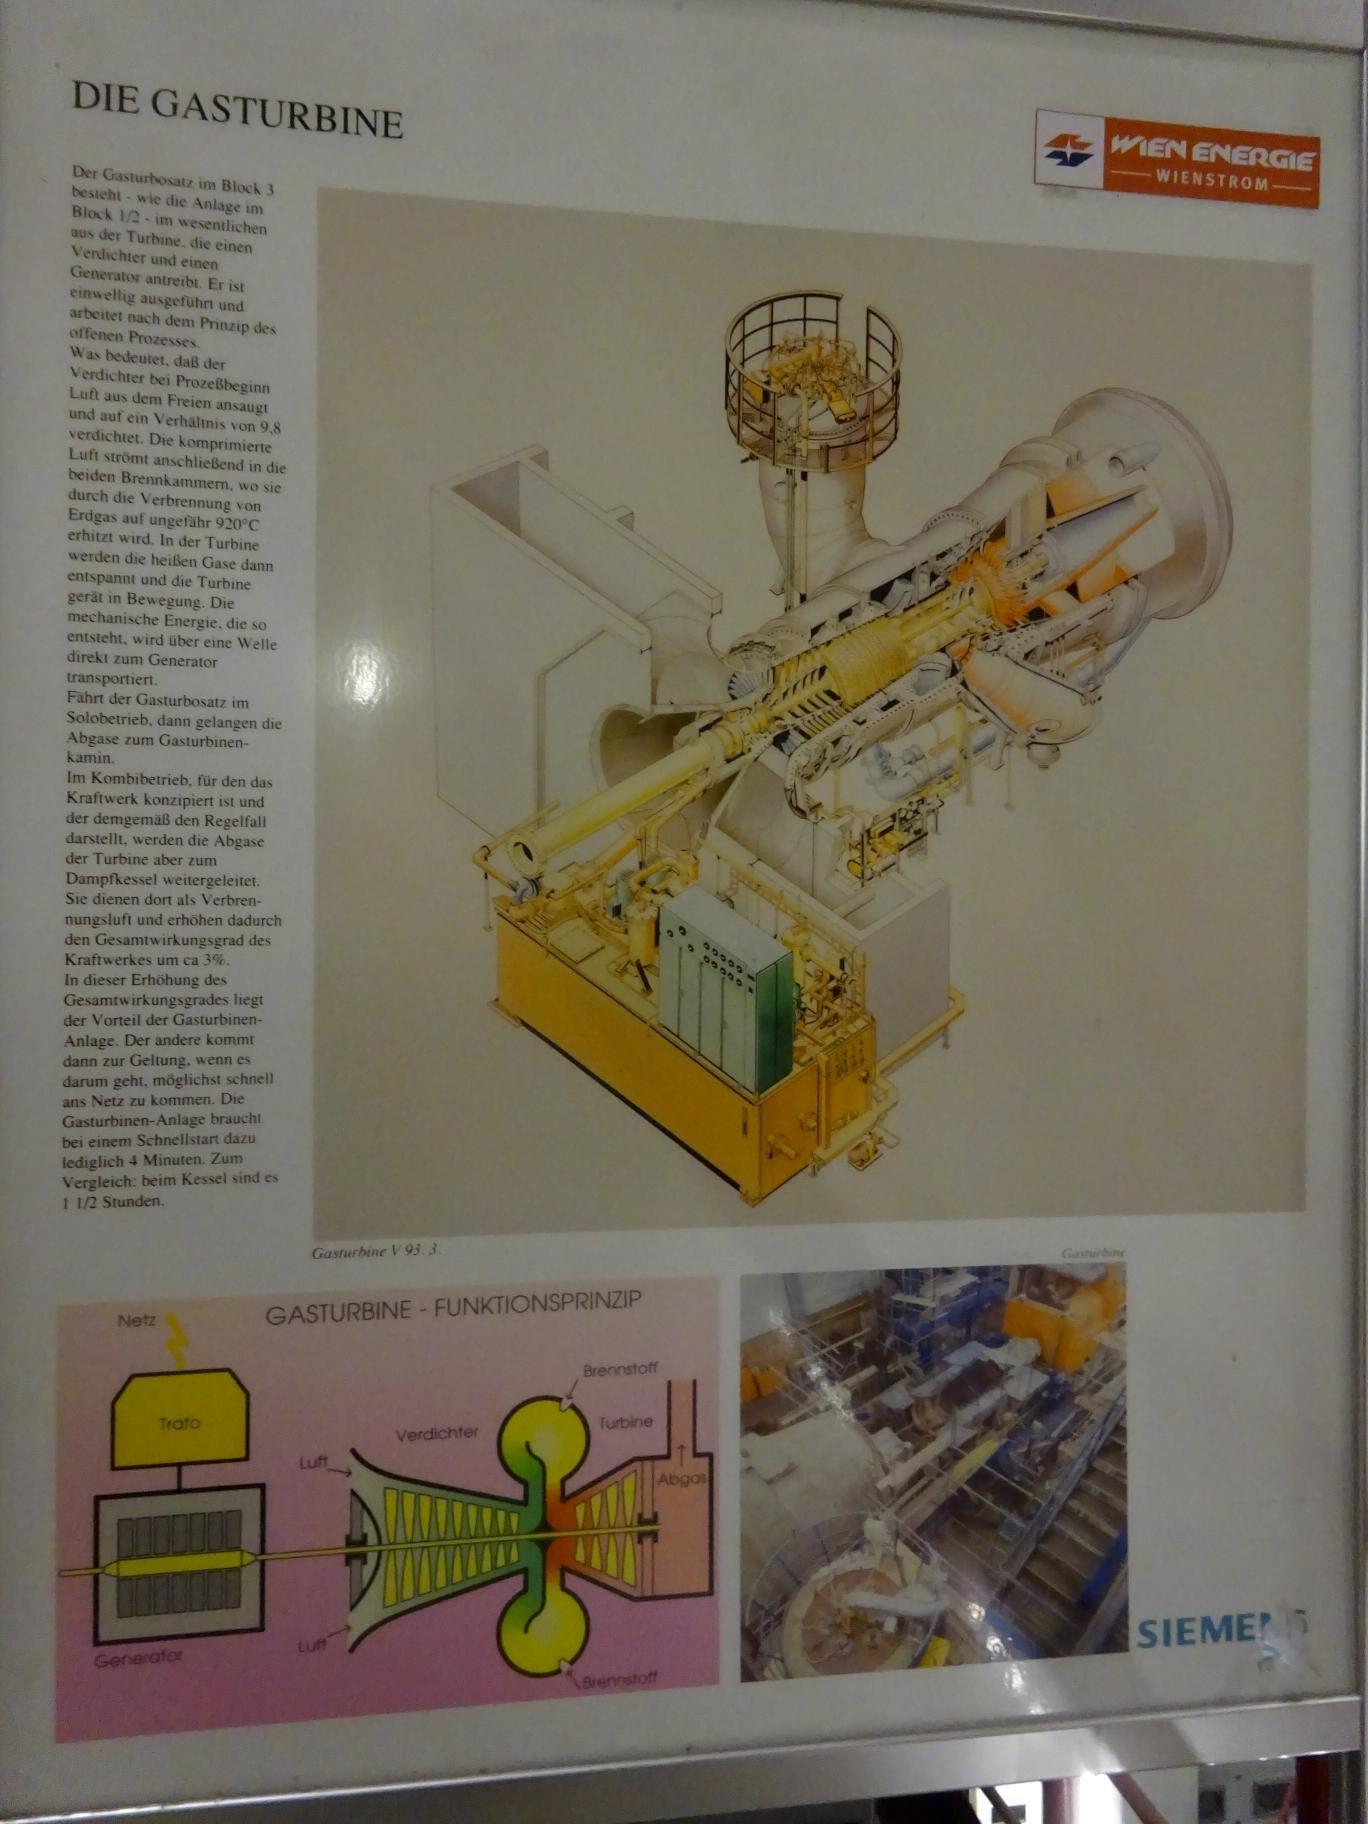 Atemberaubend Kessel Im Kraftwerk Fotos - Der Schaltplan - triangre.info